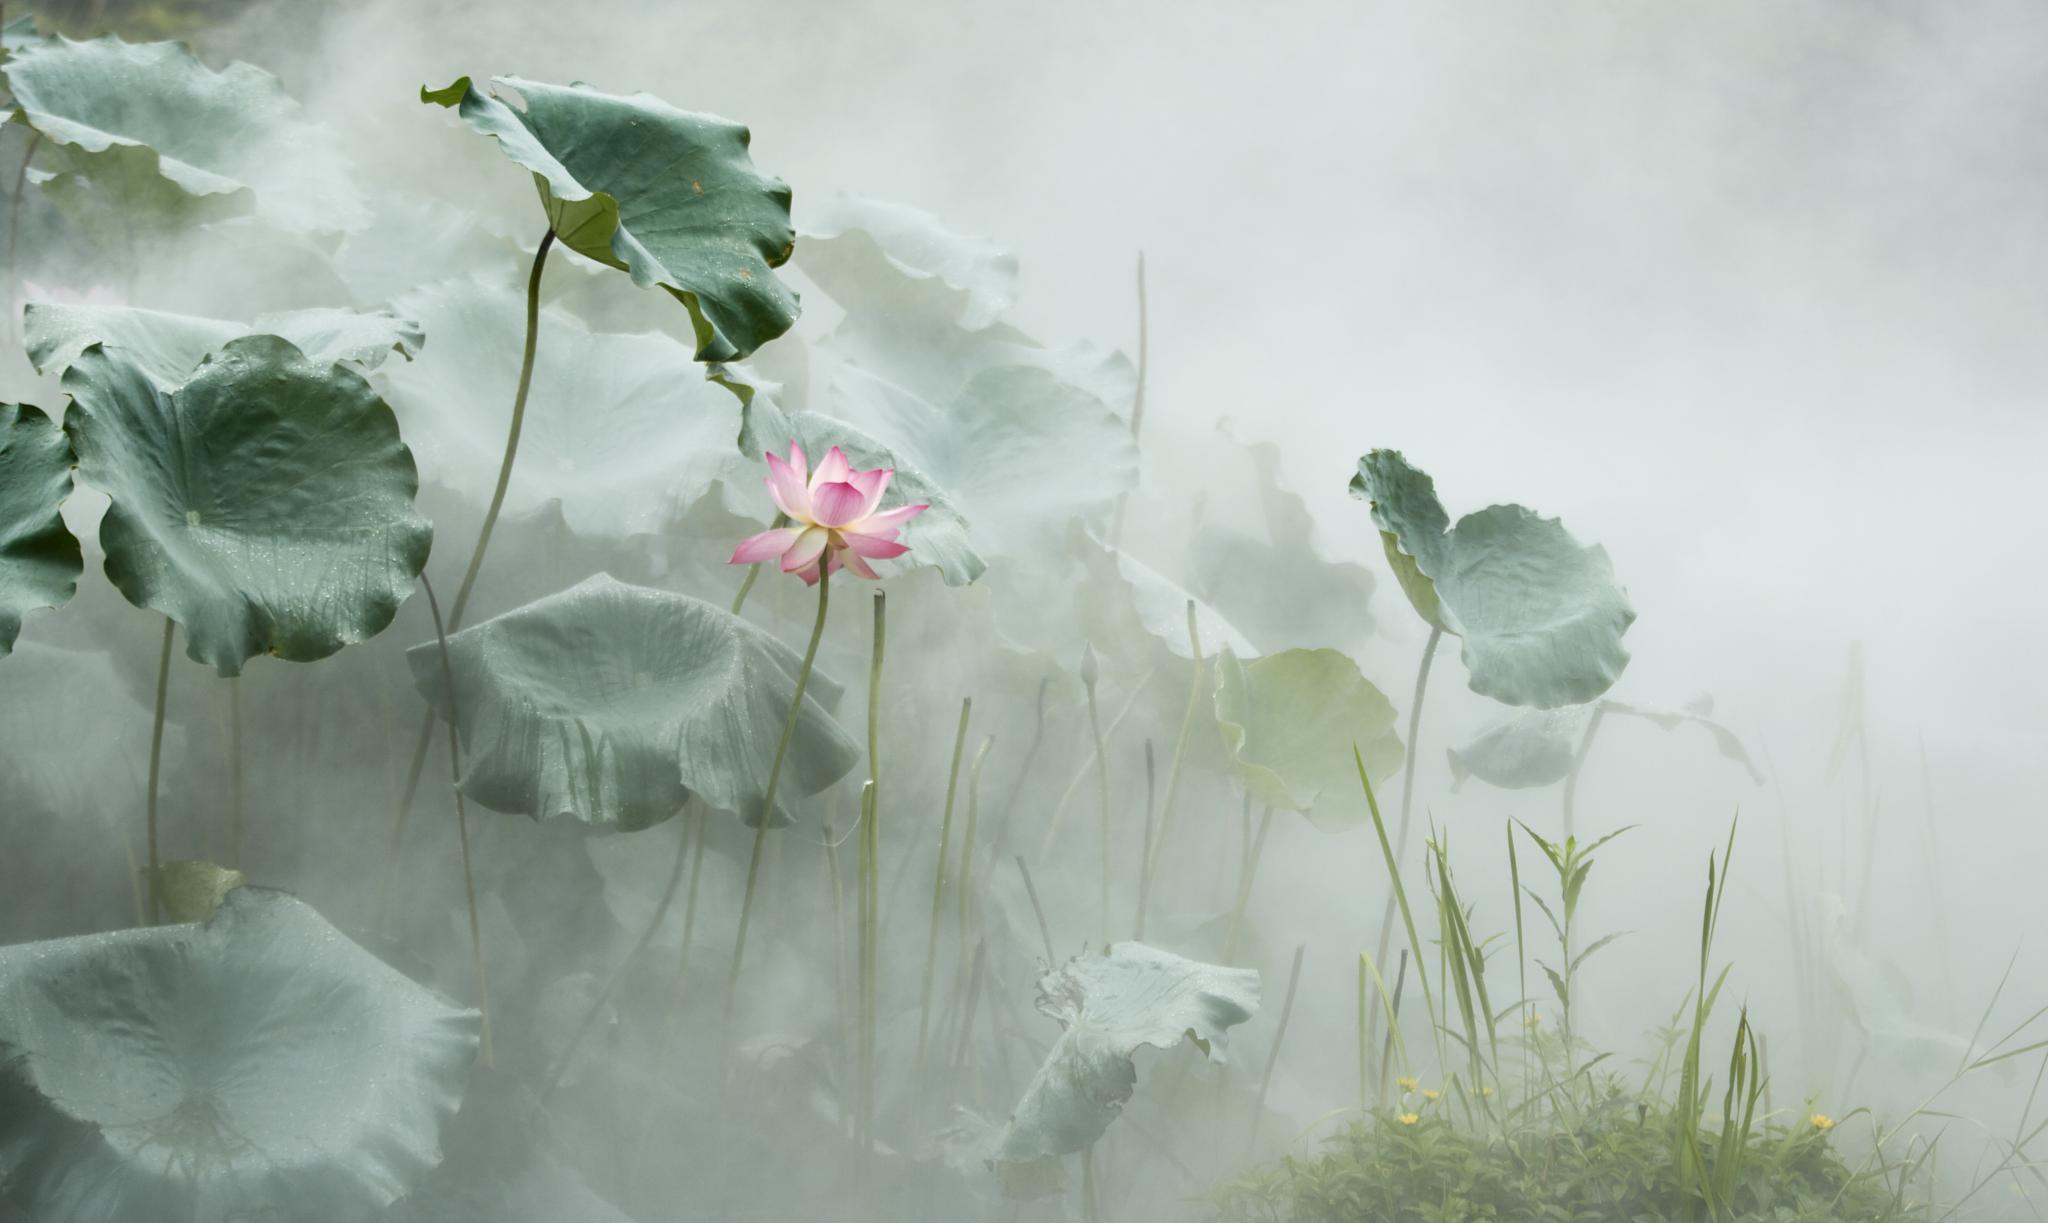 lotus in the mist 01 by PatrickLeeKKAh9